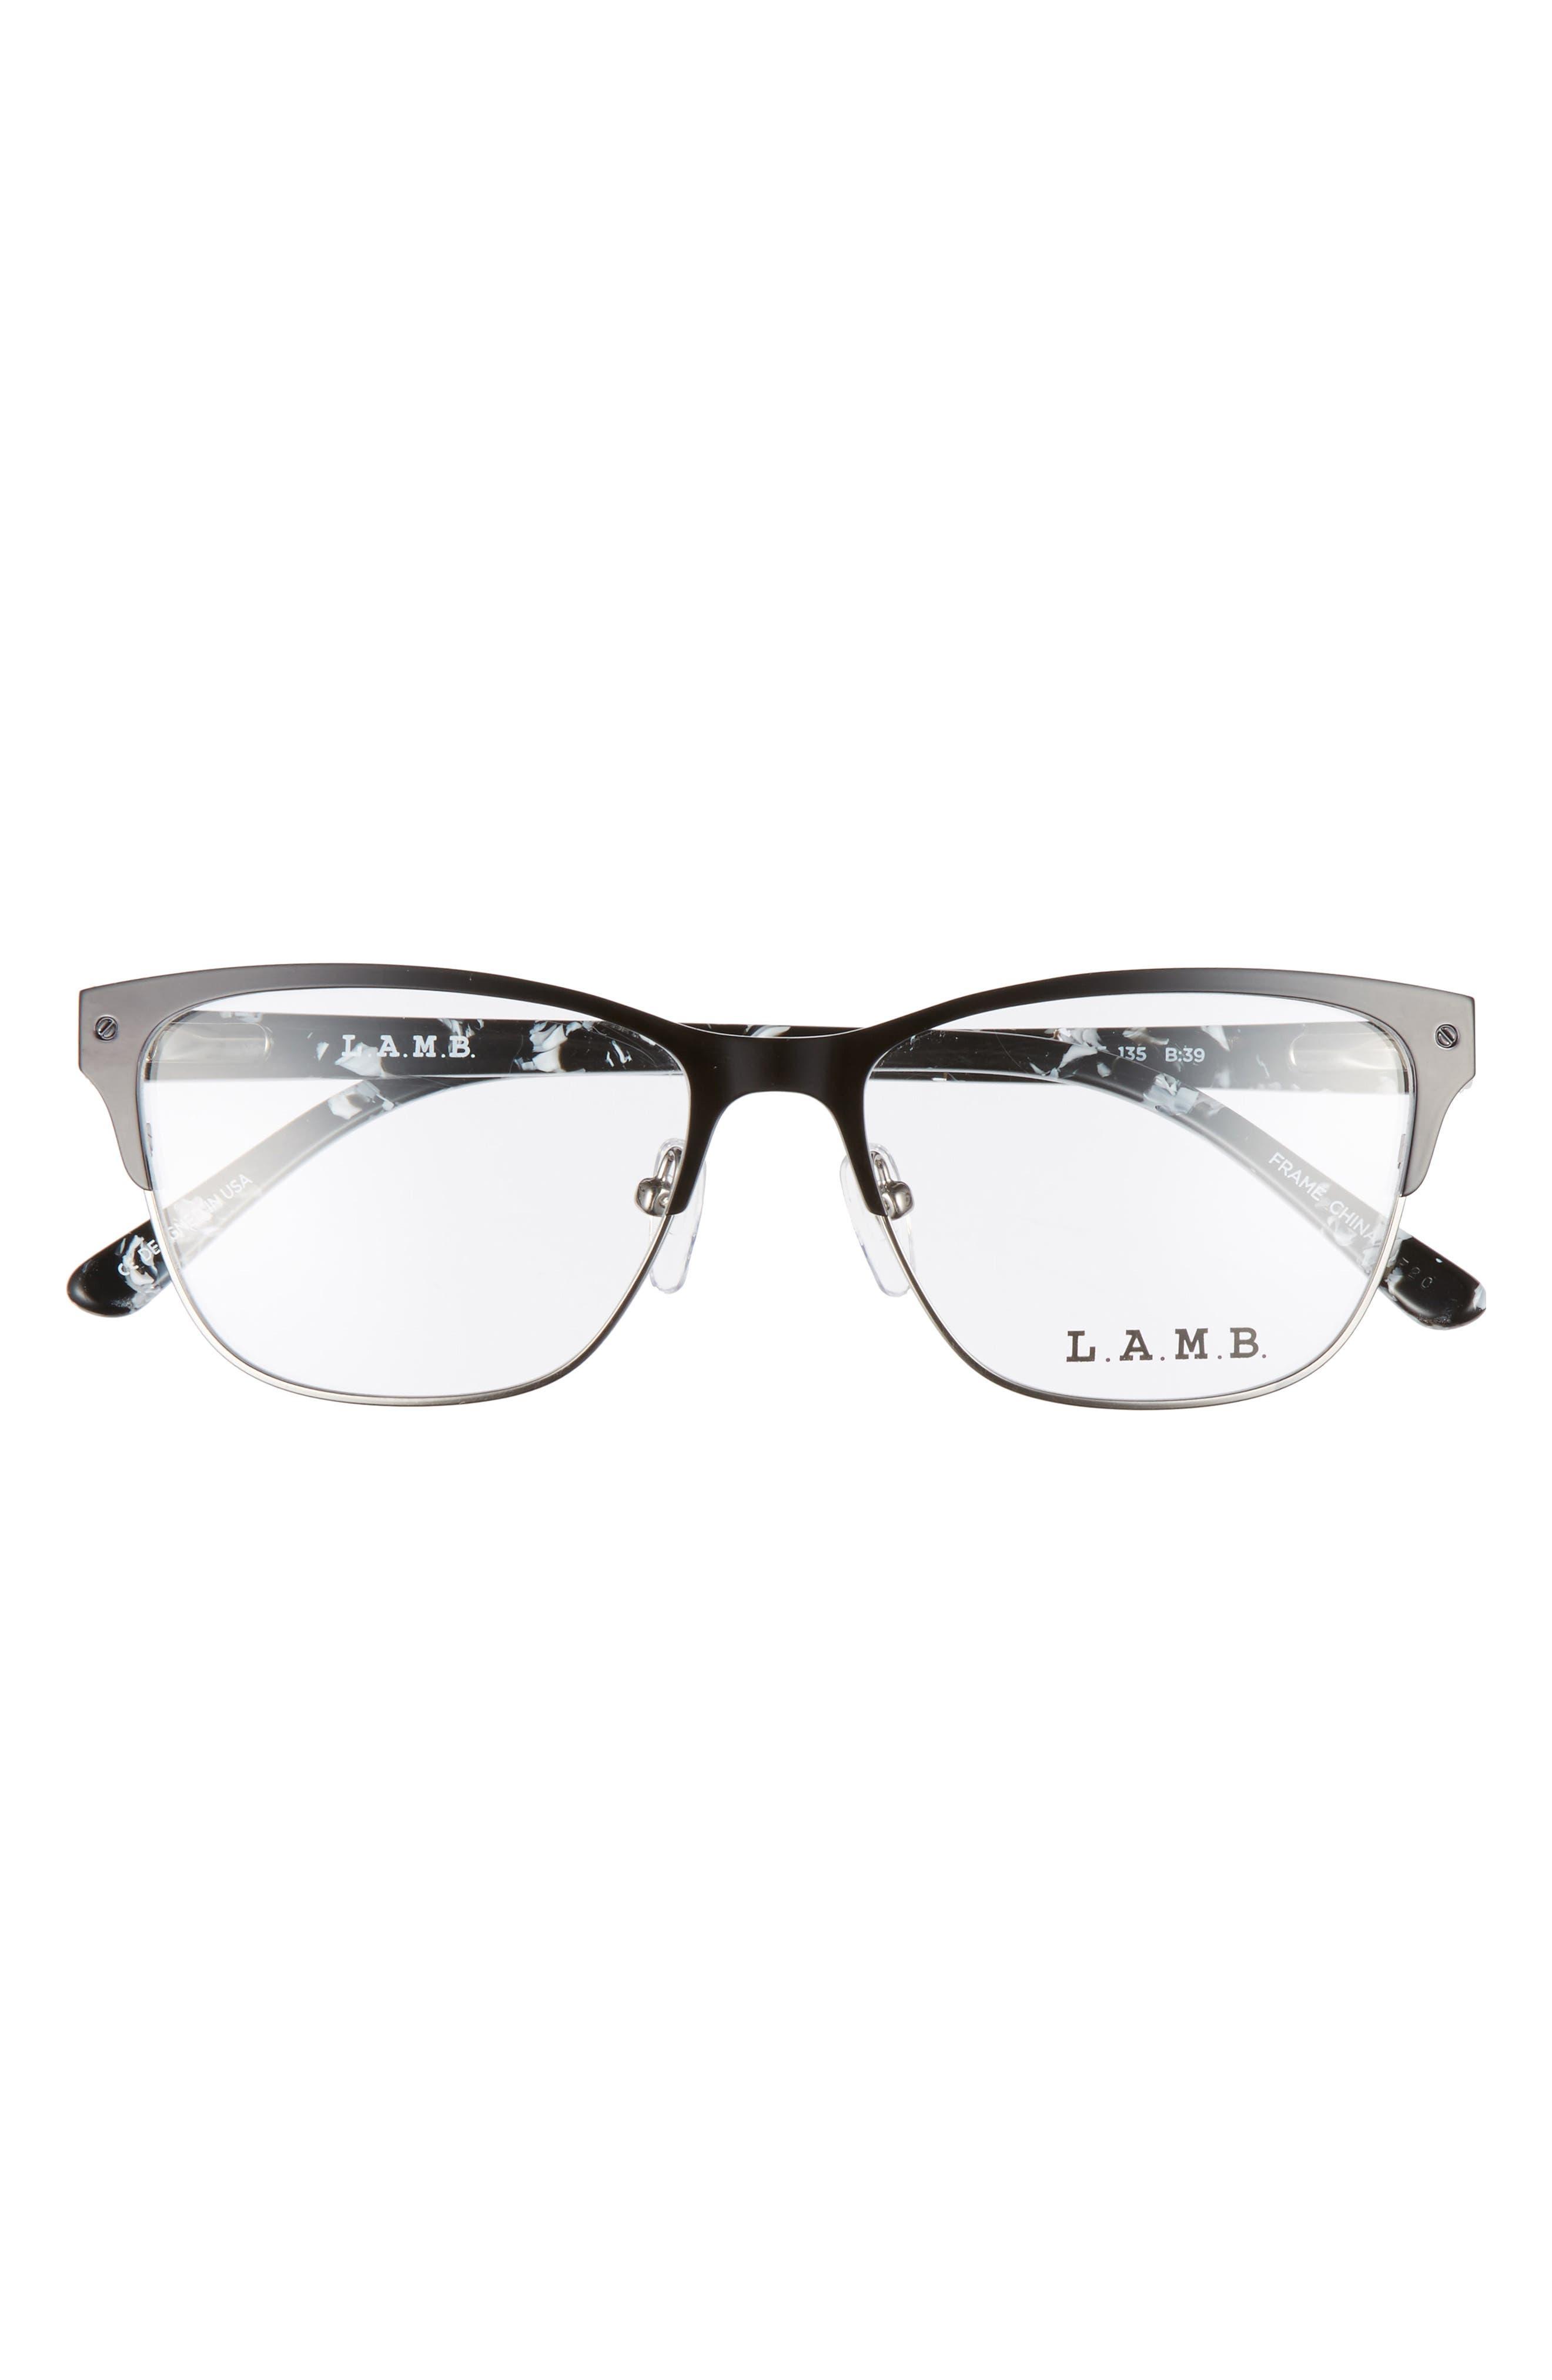 52mm Cat Eye Optical Glasses,                             Alternate thumbnail 3, color,                             Black